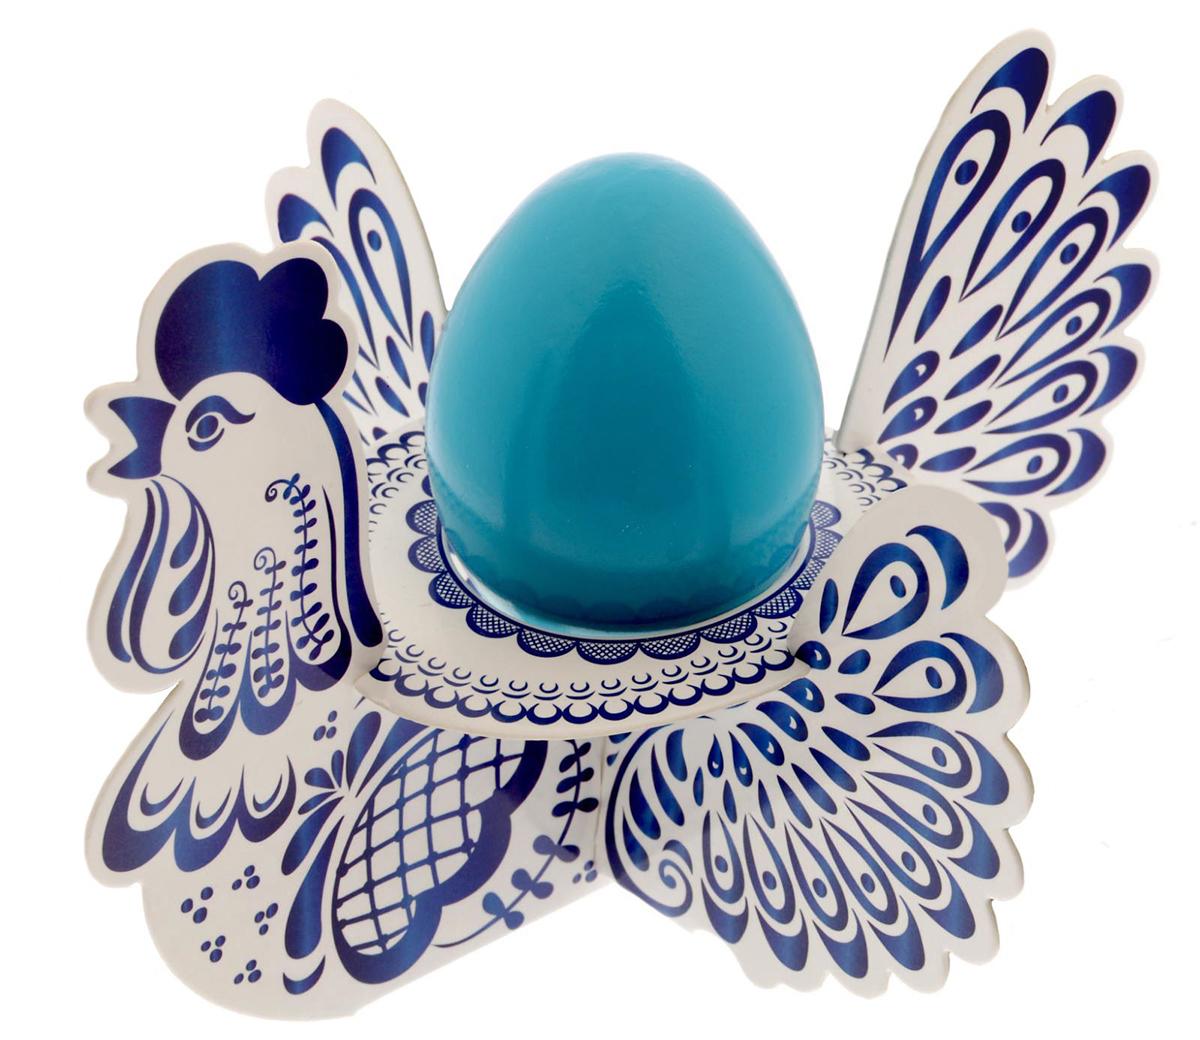 """Подставка для яйца """"Гжель. Петух"""", цвет: синий, на 1 яйцо, 15,7 х 21,2 см. 1695094"""